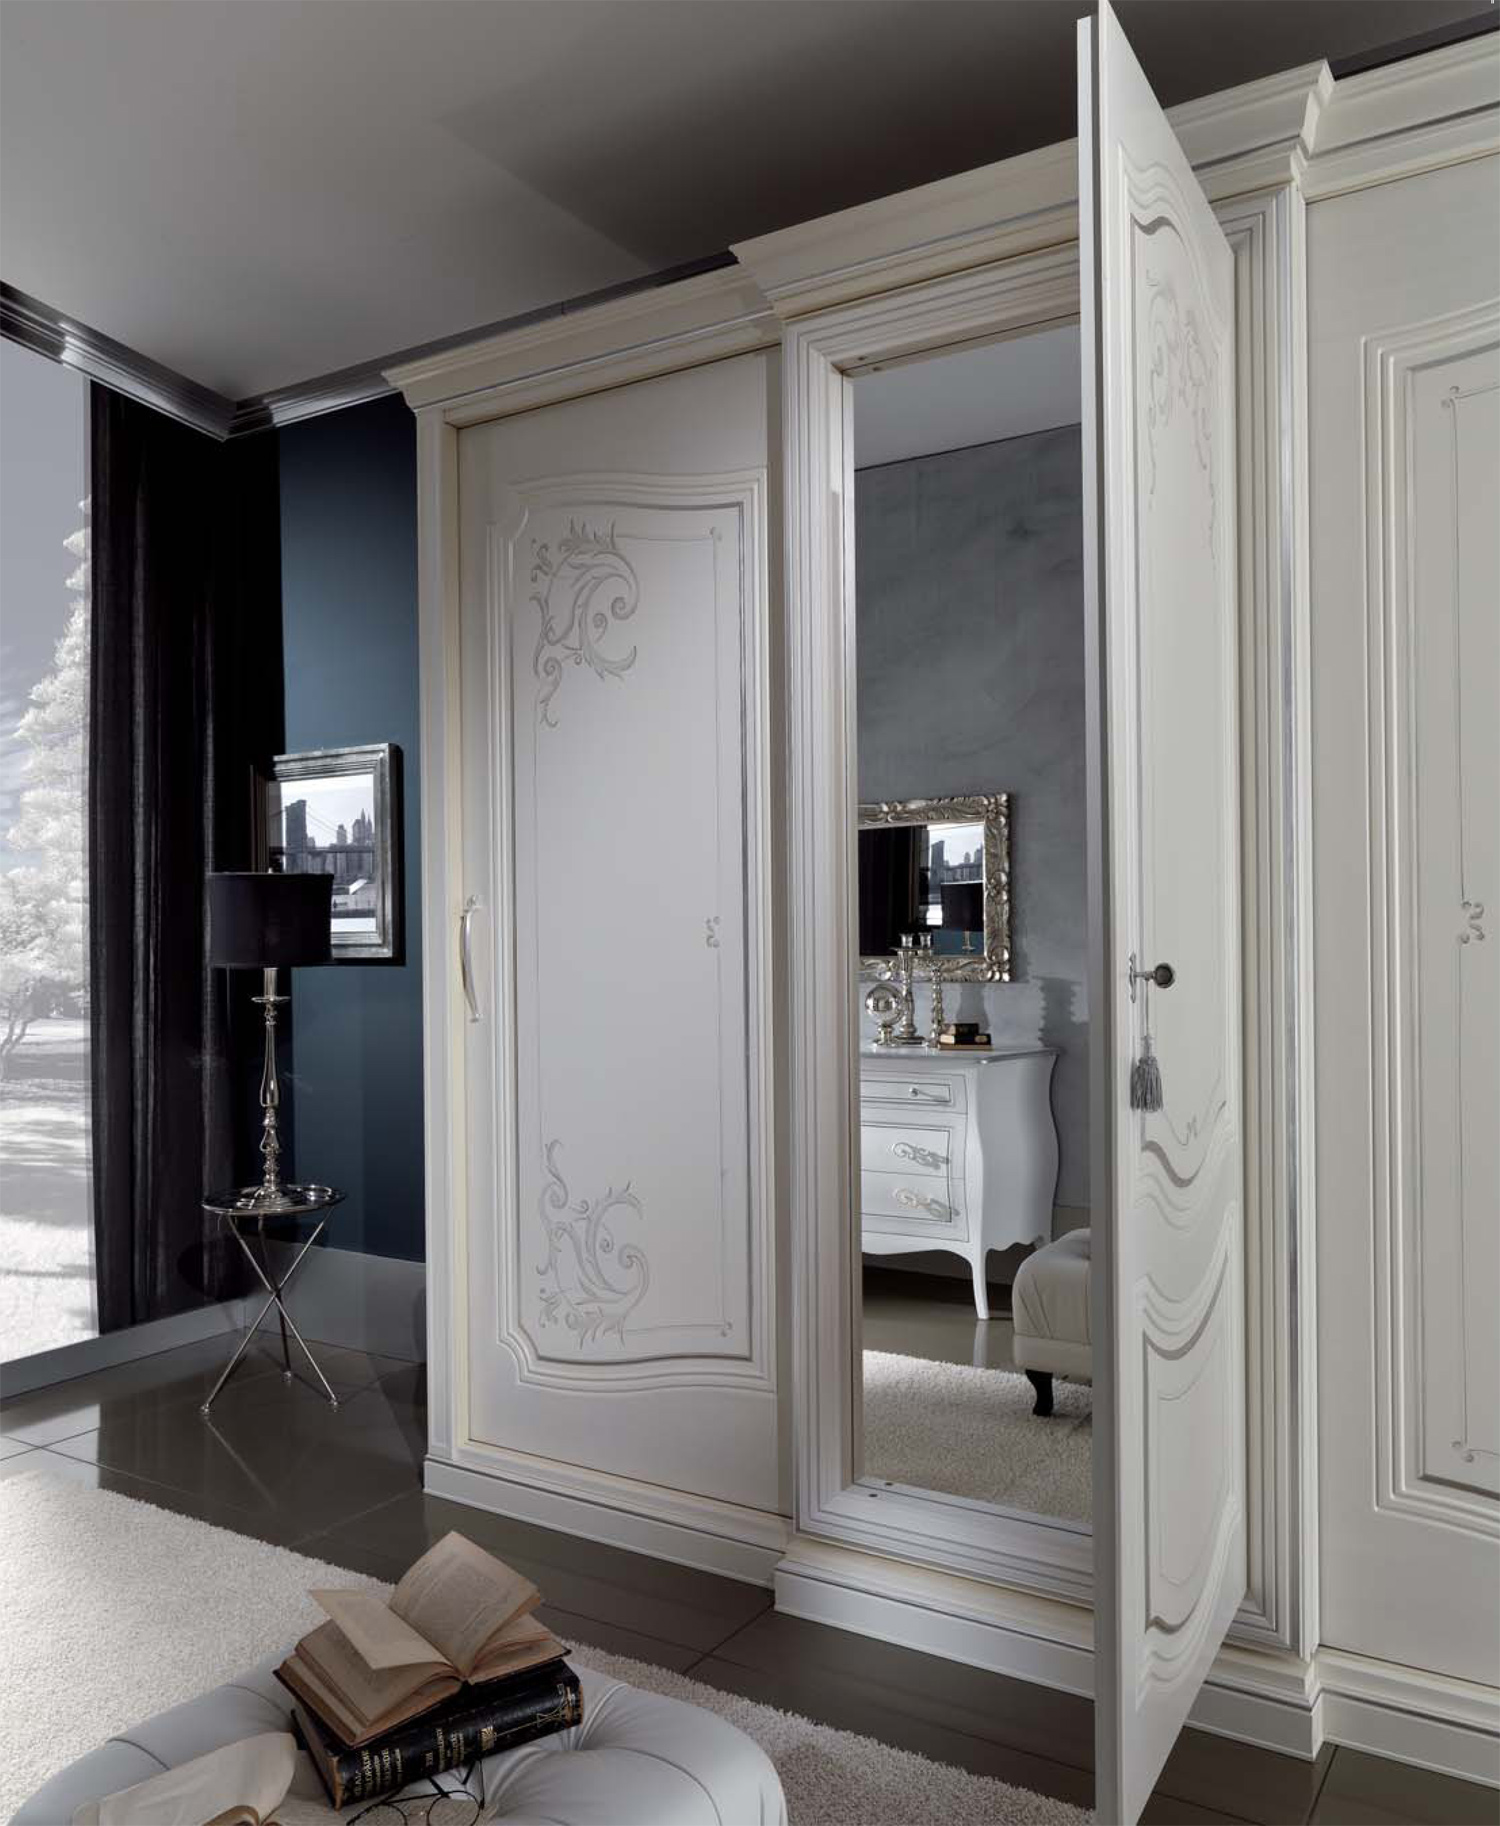 Armadio Canaletto - Arredamento elegante per la camera da ...